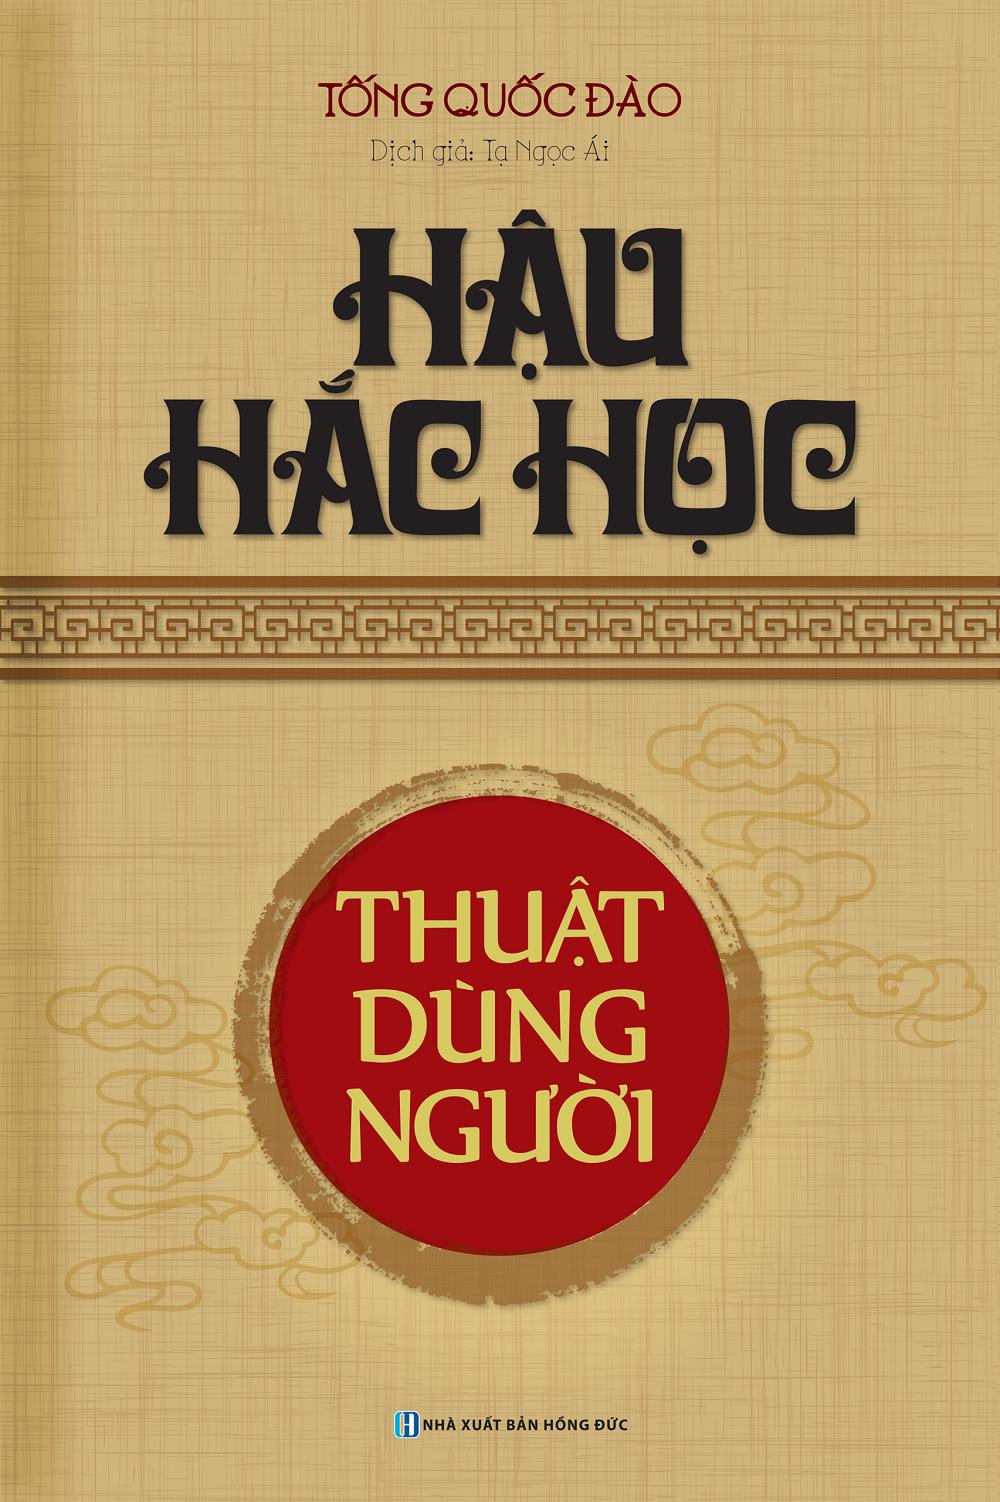 hau-hac-hoc-140k.u547.d20161221.t090917.274998.png